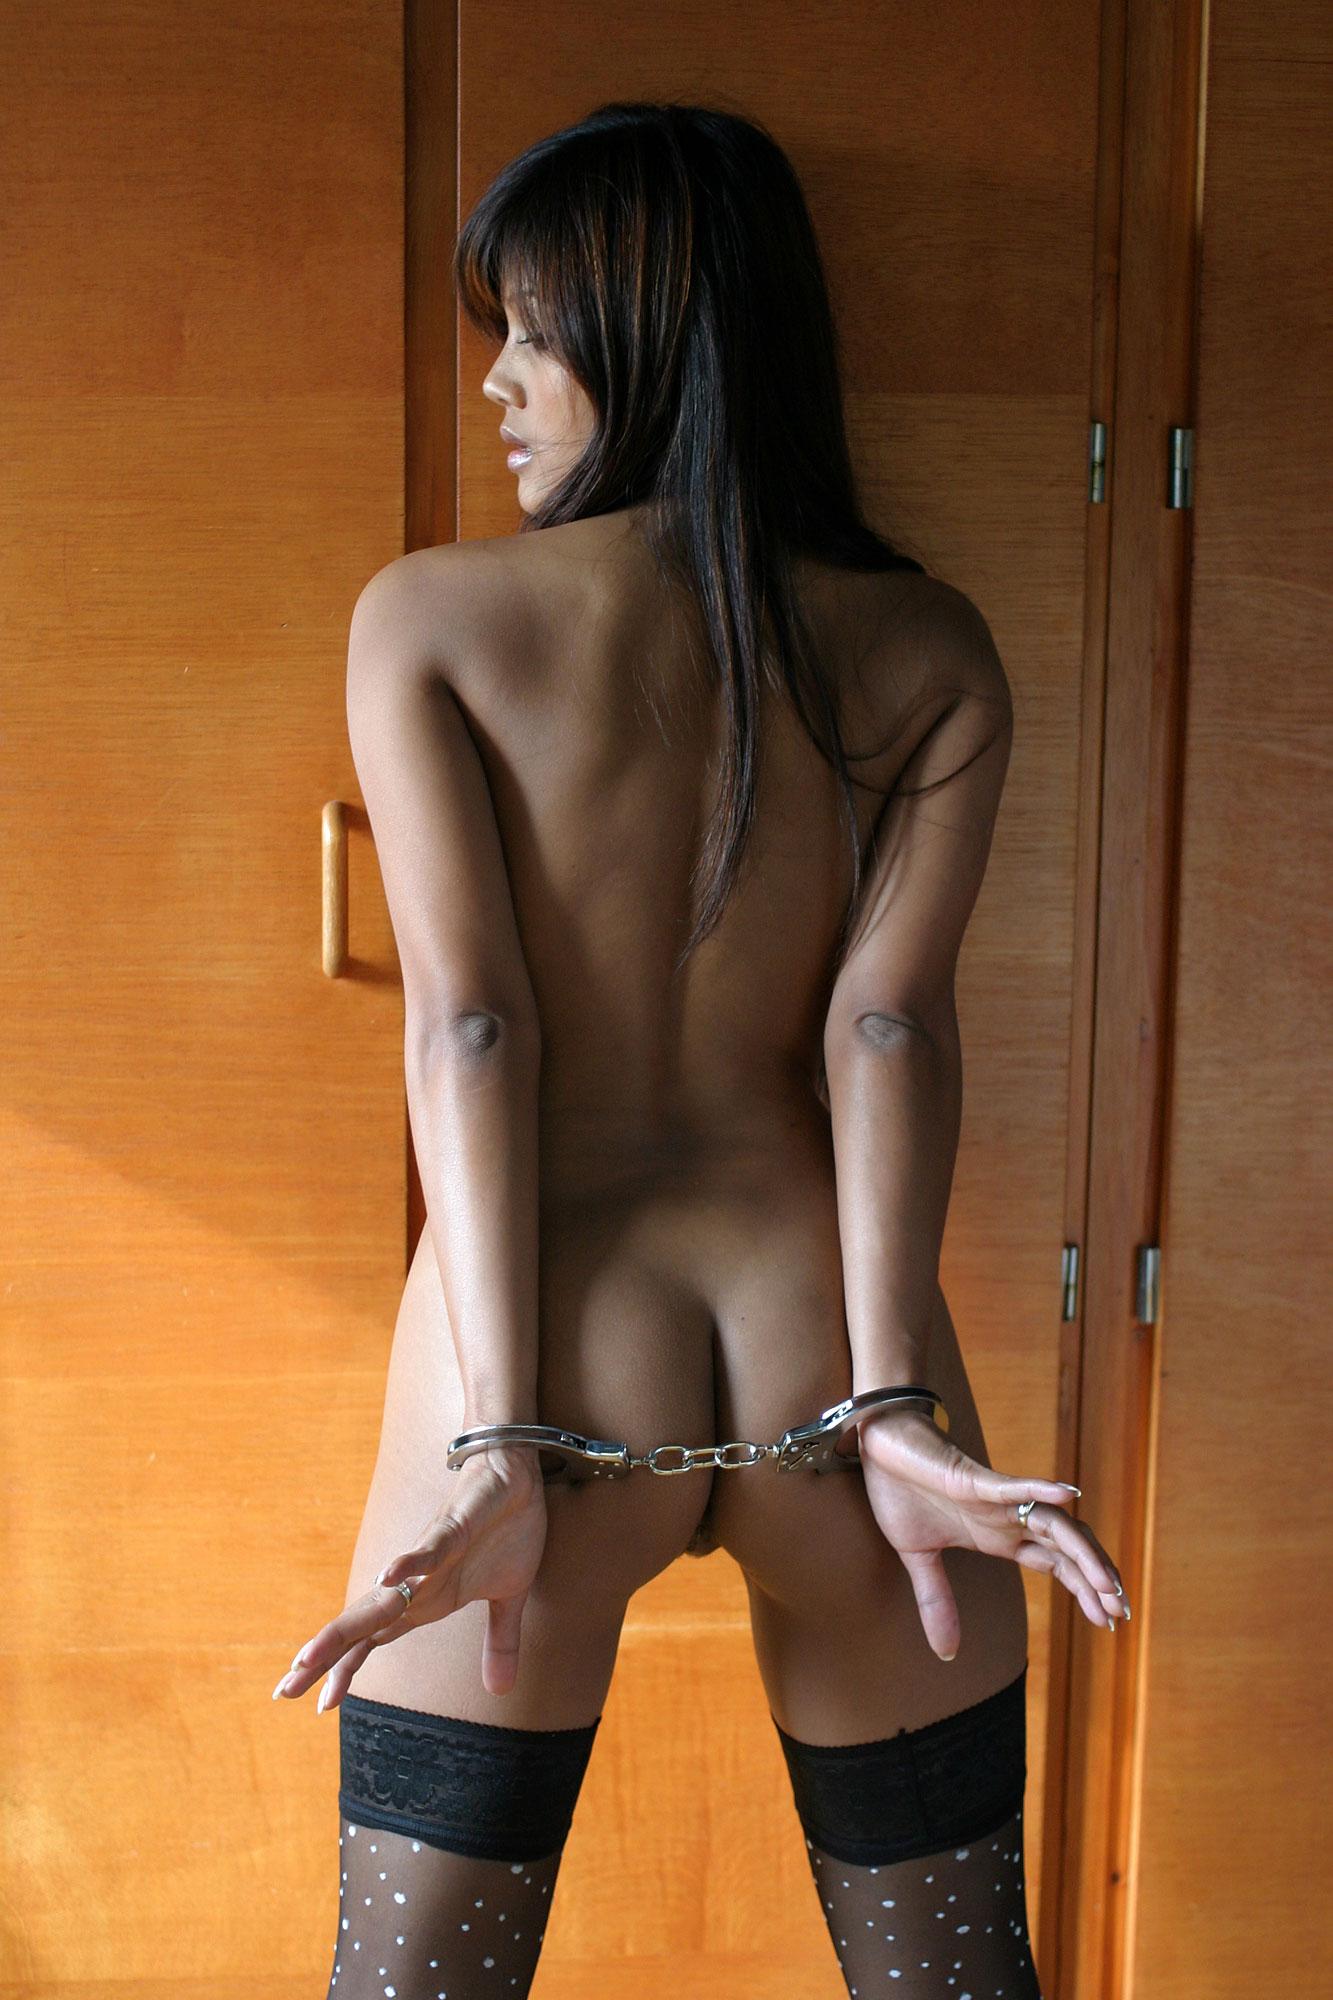 Фото девушки голой в наручники 18 фотография